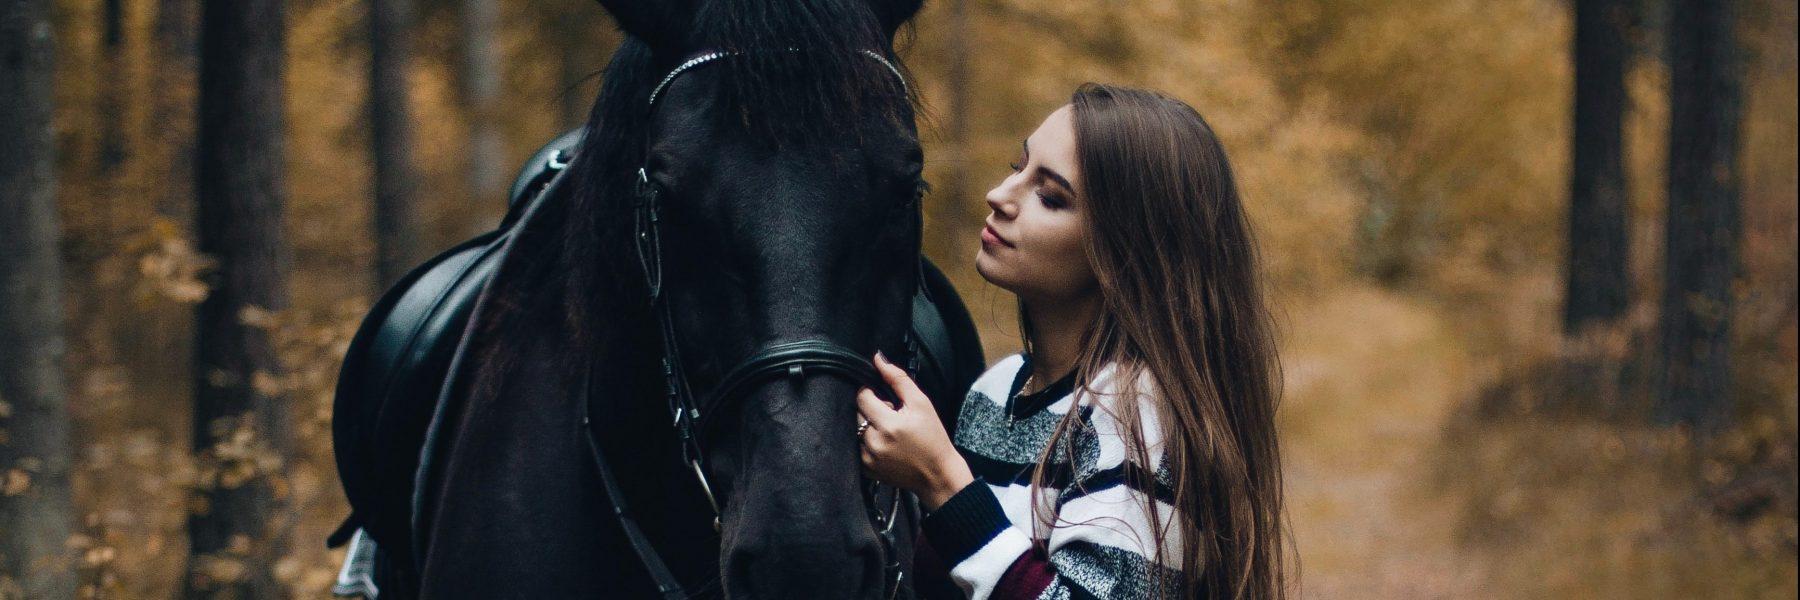 Site de rencontre amoureux des chevaux, Rencontres pour les passionnés du Cheval & Equitation